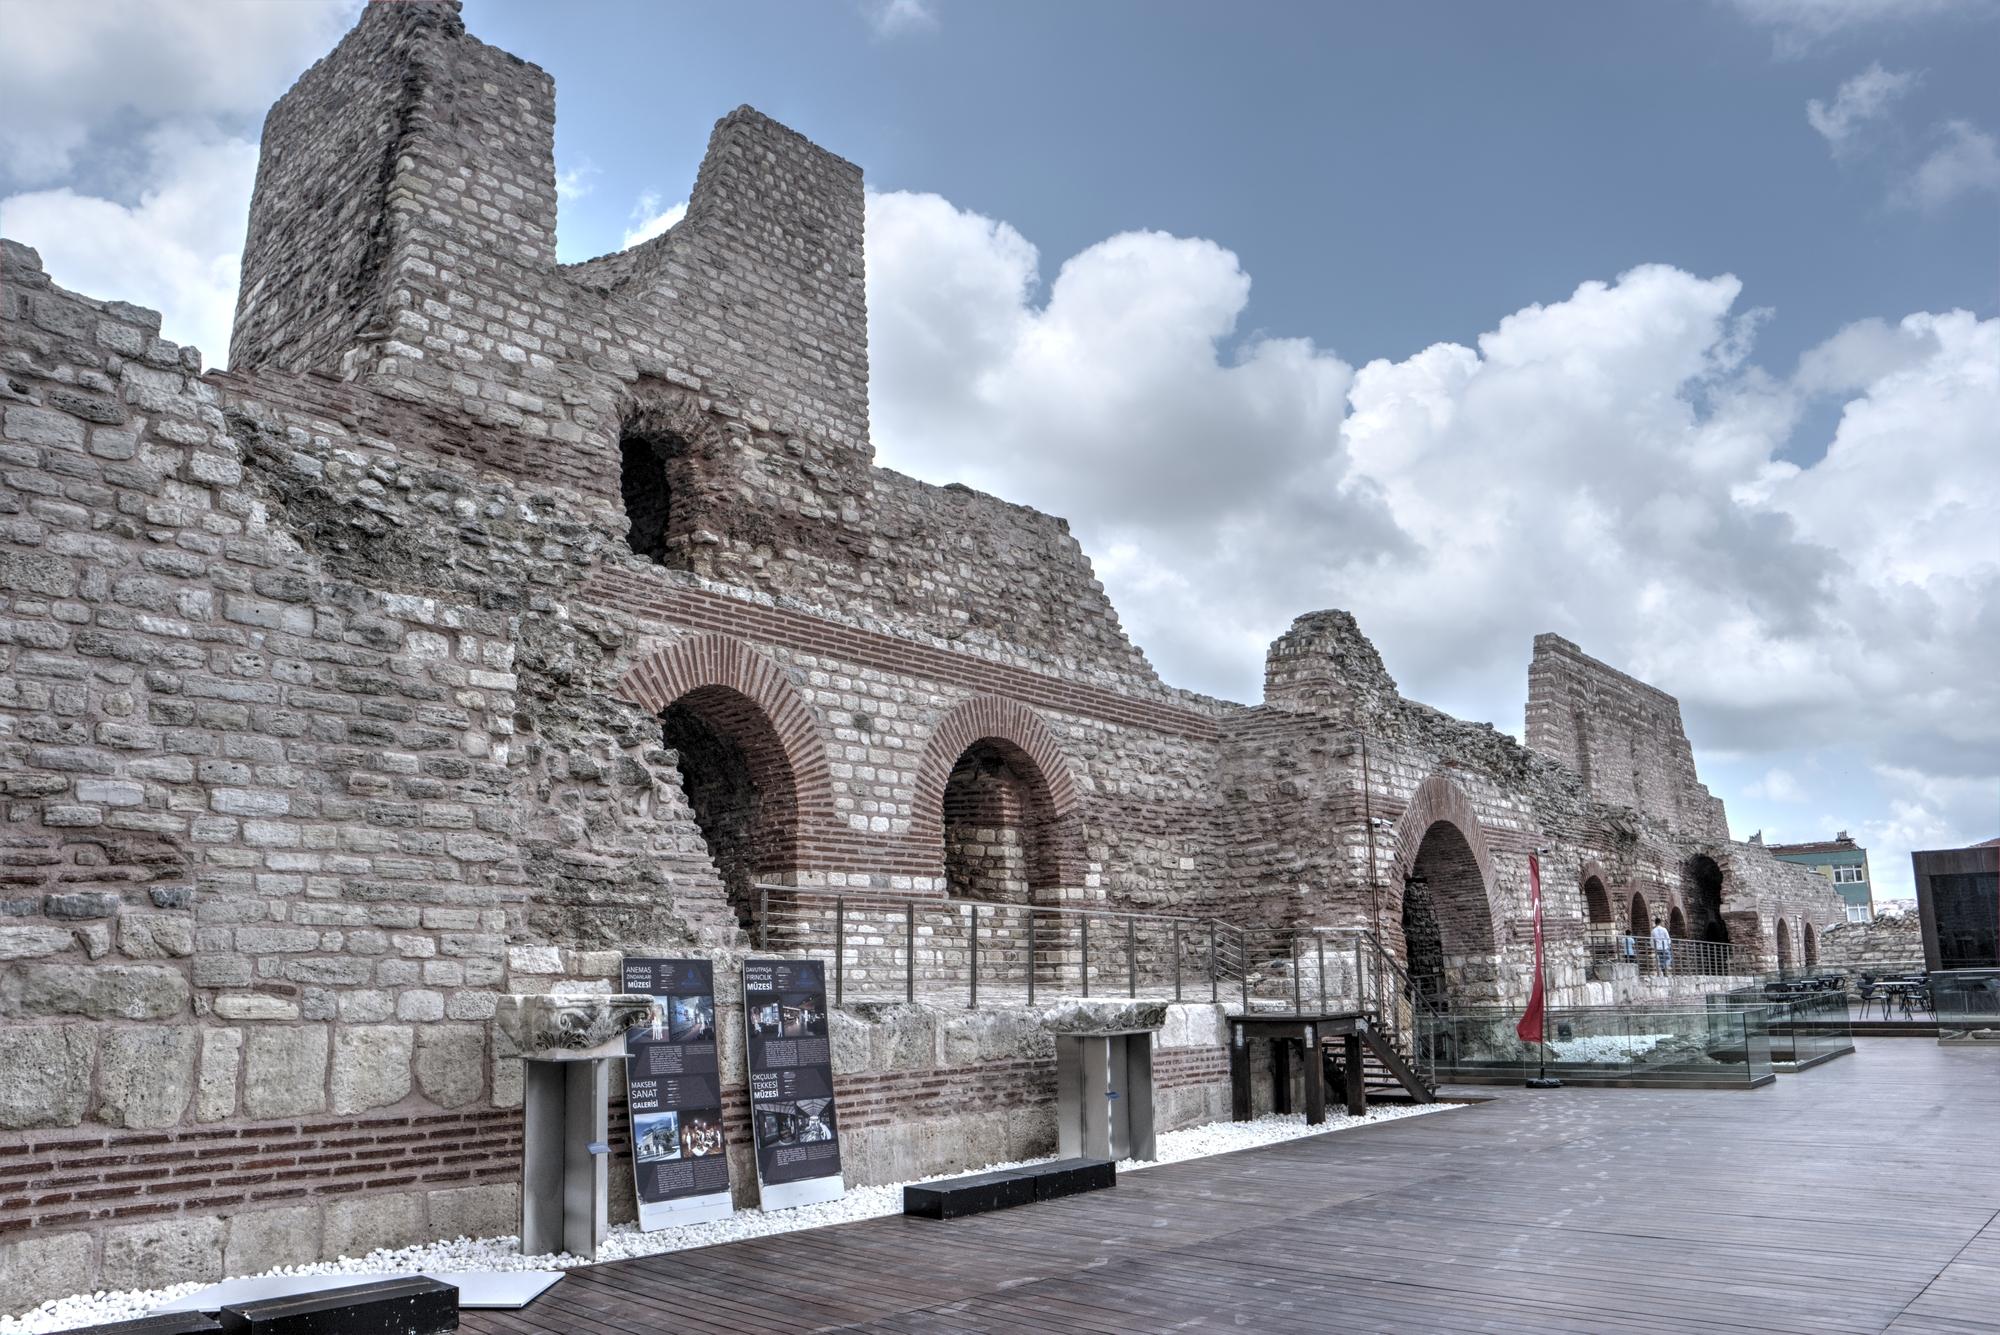 Palace of the Porphyrogenitus - Tekfur Sarayı Müzesi